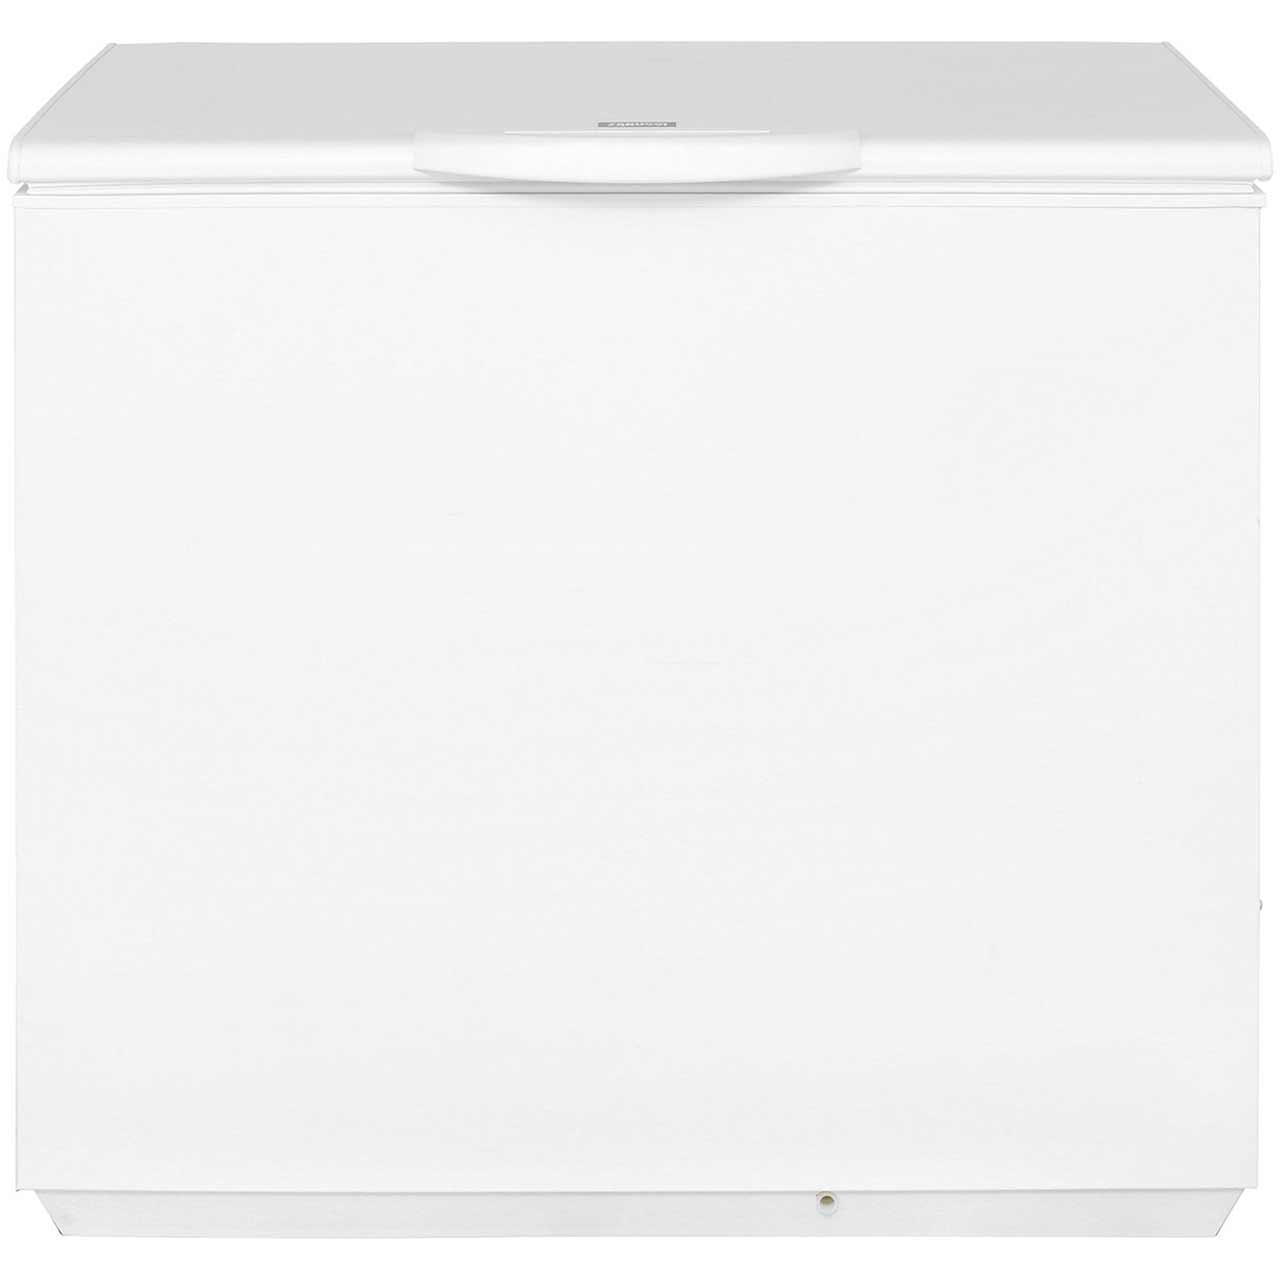 Zanussi ZFC26500WA Free Standing Chest Freezer in White